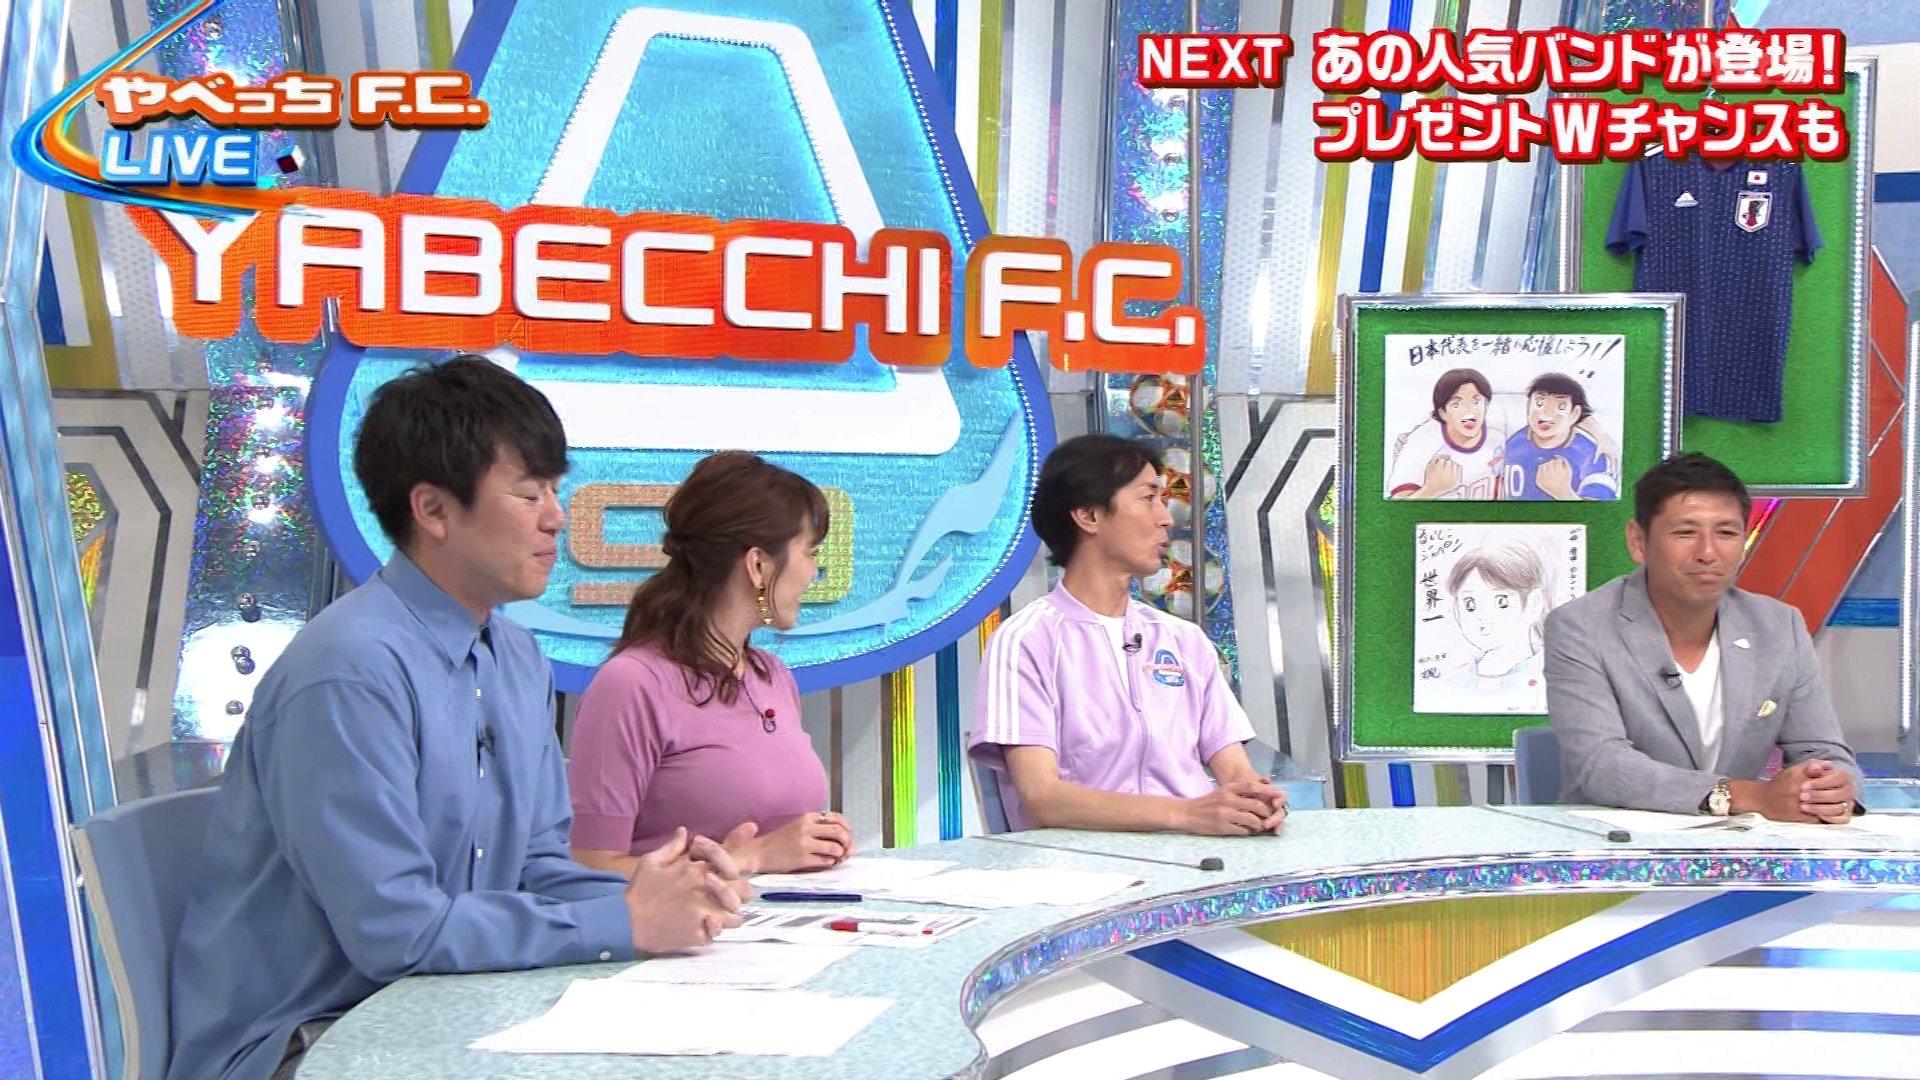 2019年8月18日に放送された「やべっちFC」に出演したテレビ朝日女子アナ・三谷紬さんの画像-046